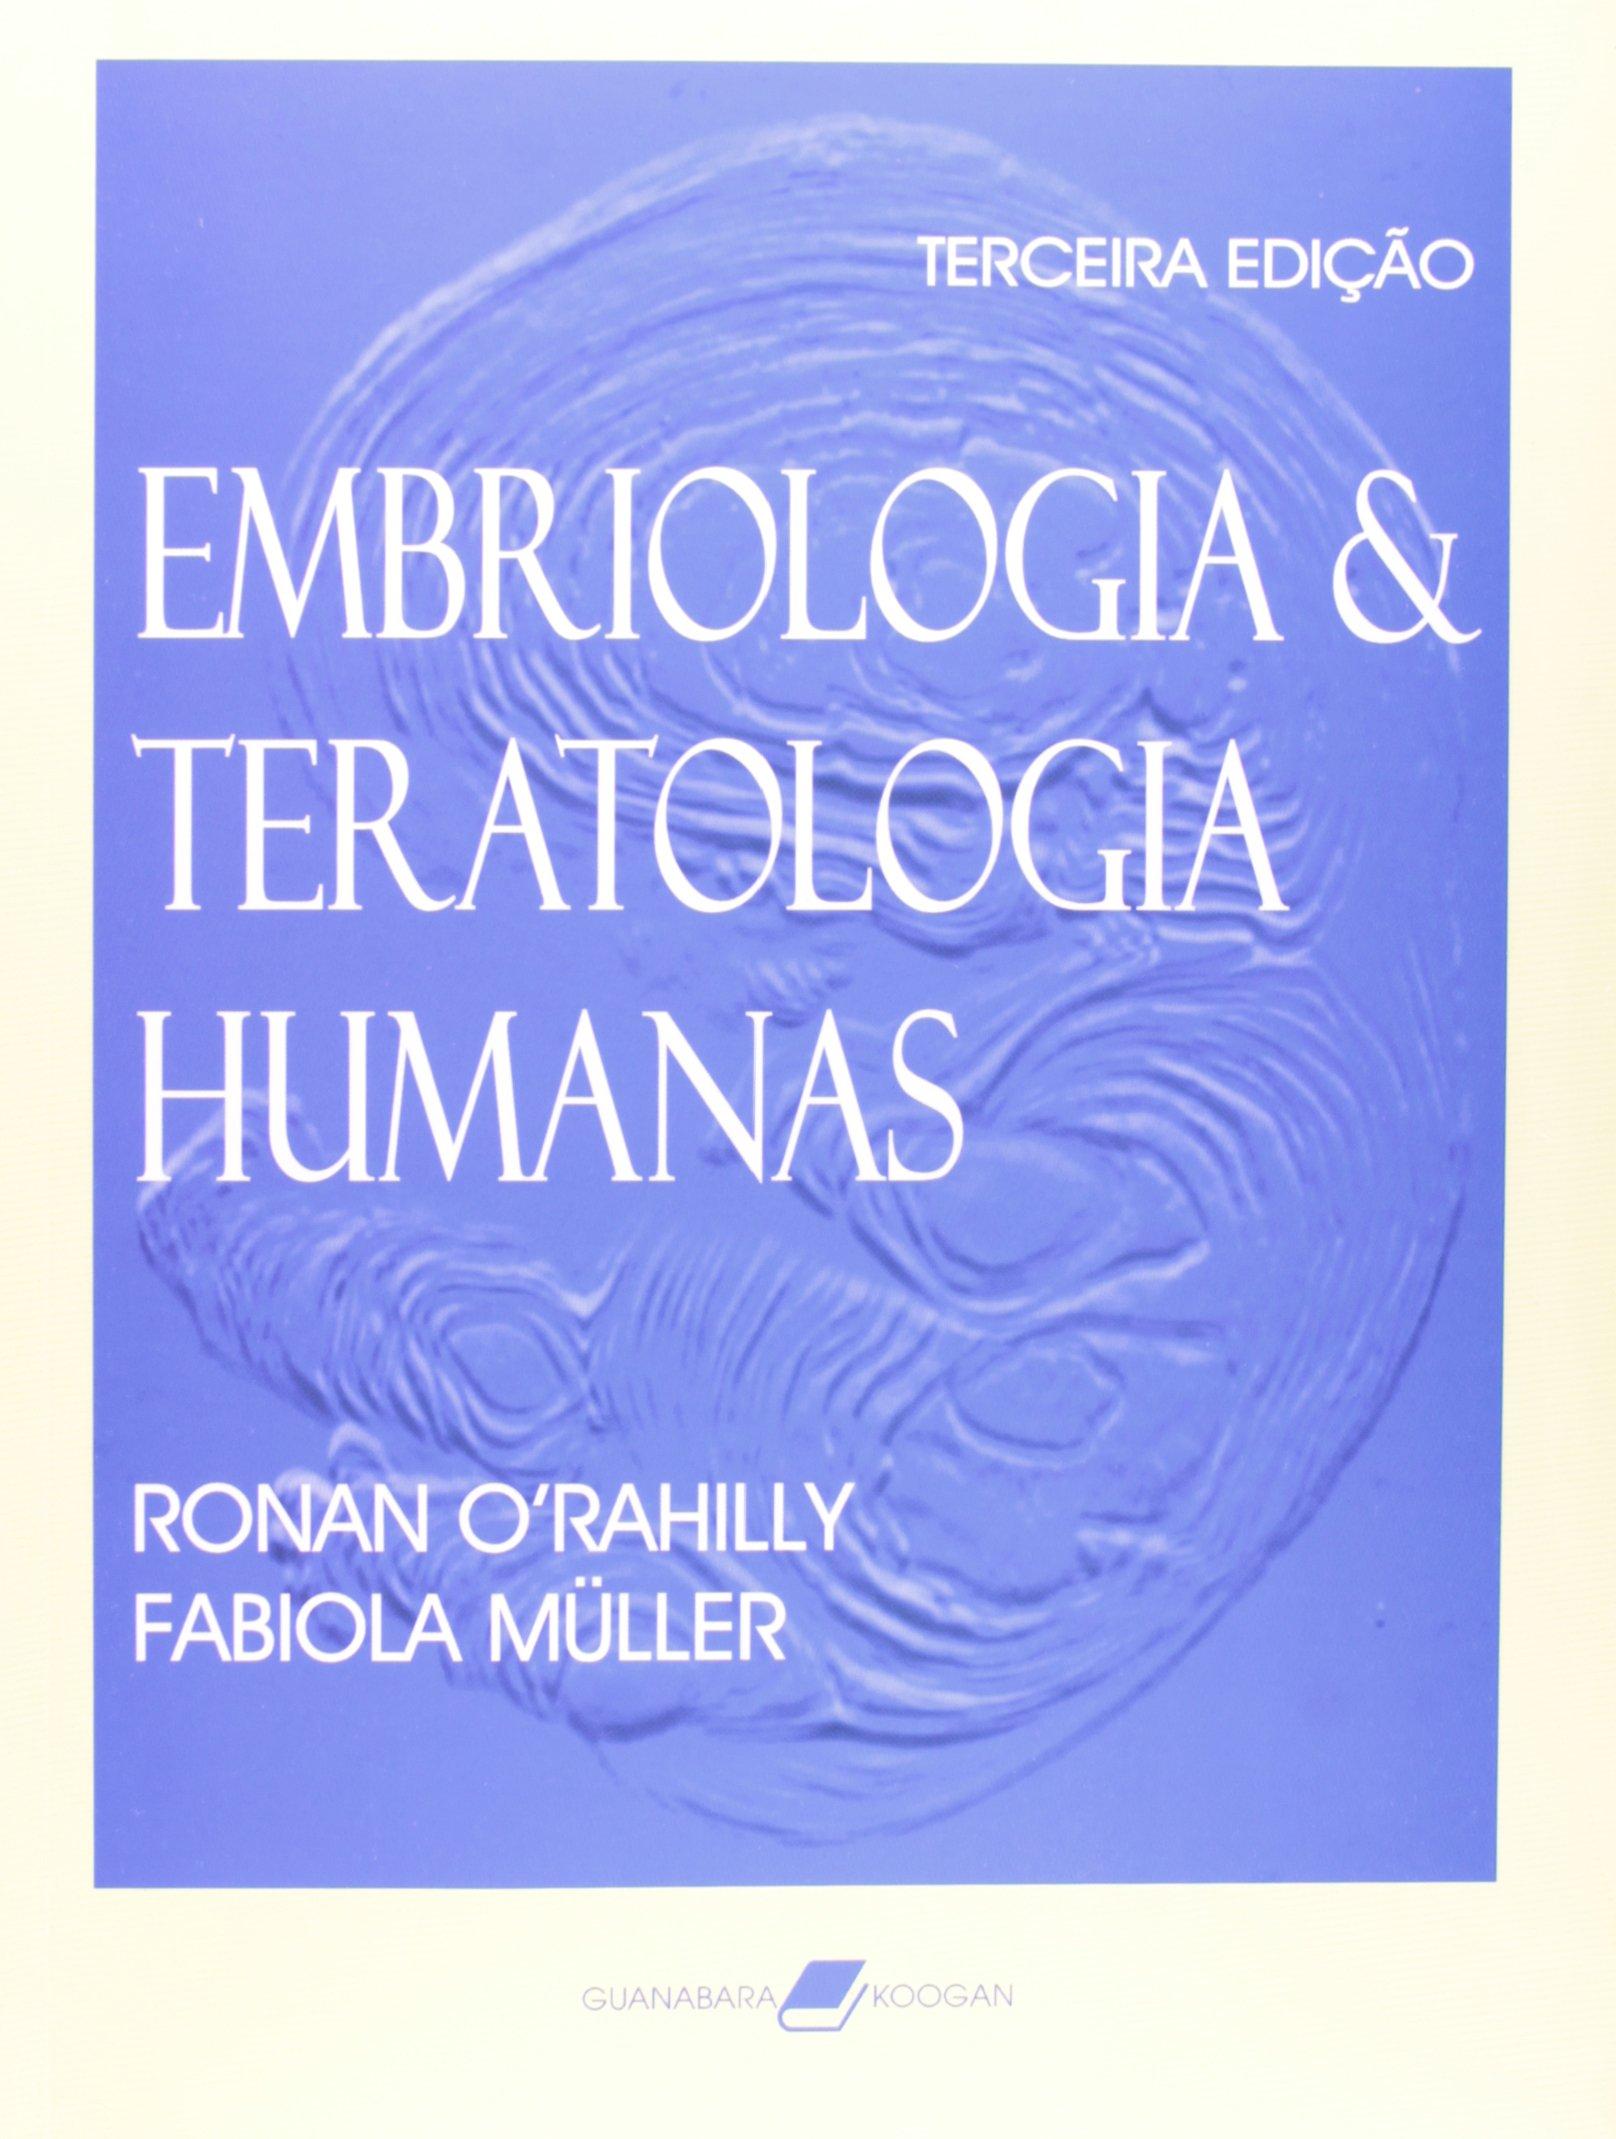 De humana pdf embriologia livro